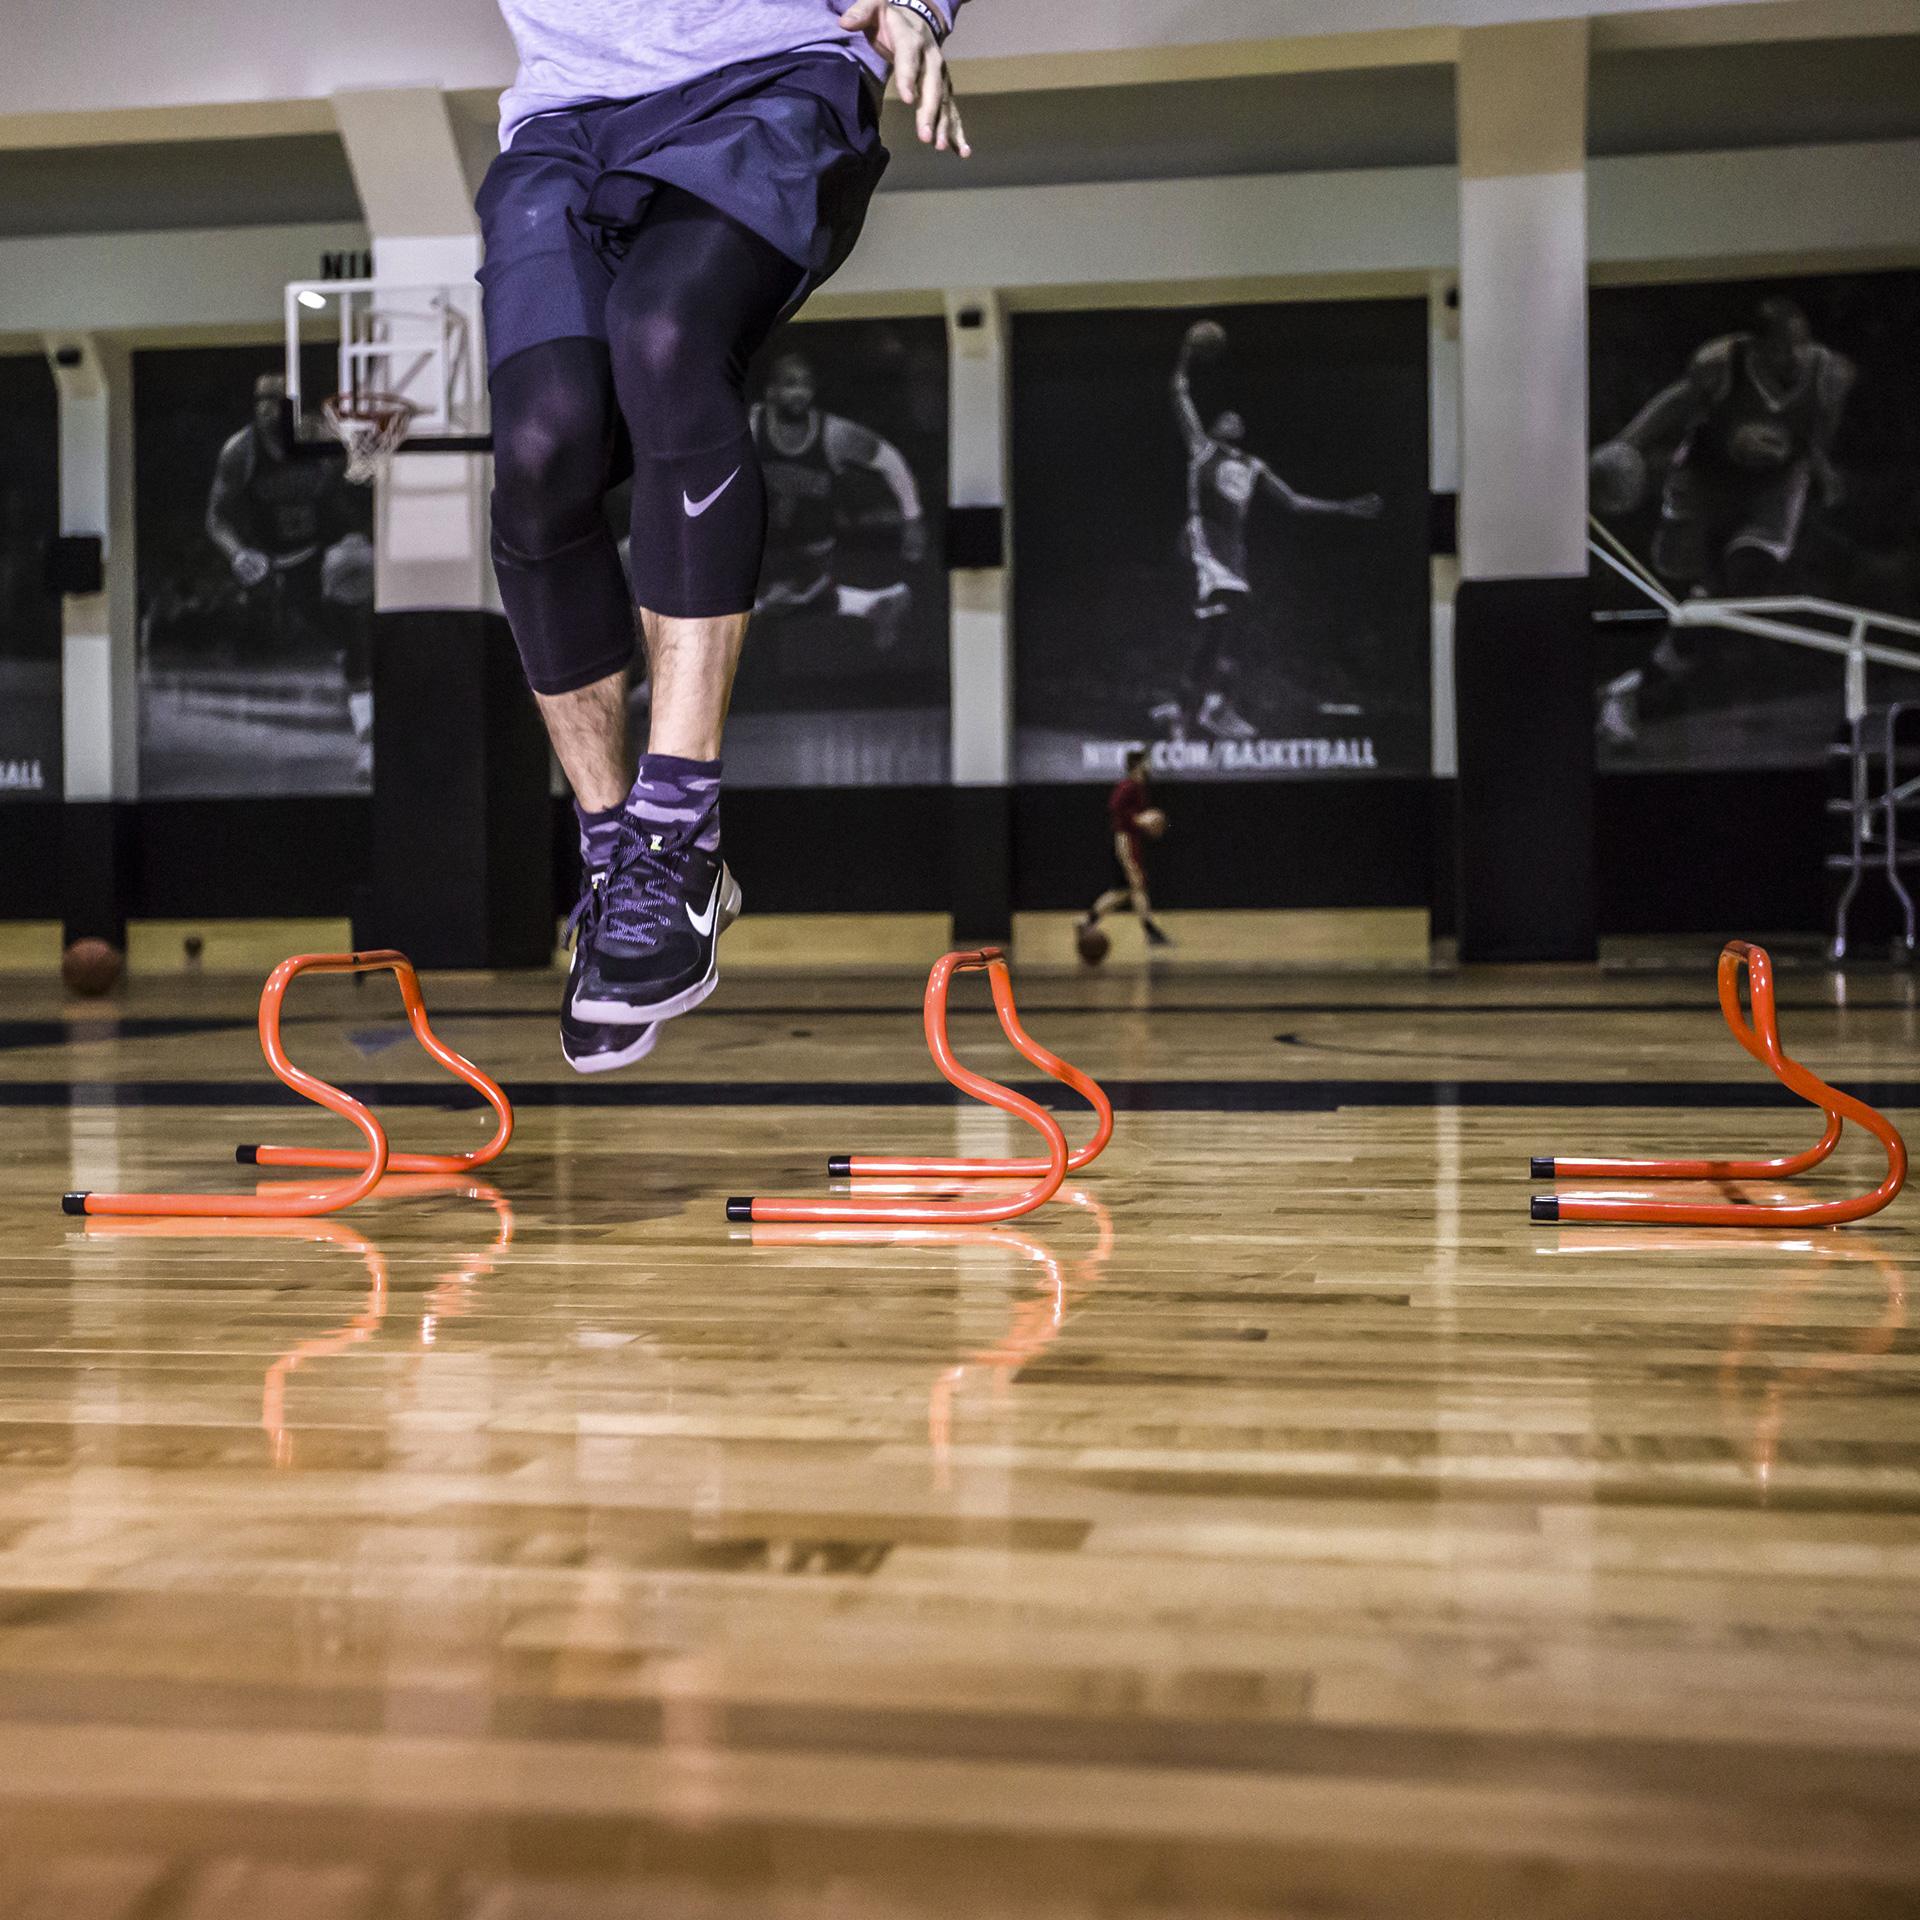 Купить оранжевый, черный  тренажёр get ripped gr not enough hurdles unadjst в магазинах Streetball изображение - 3 картинки